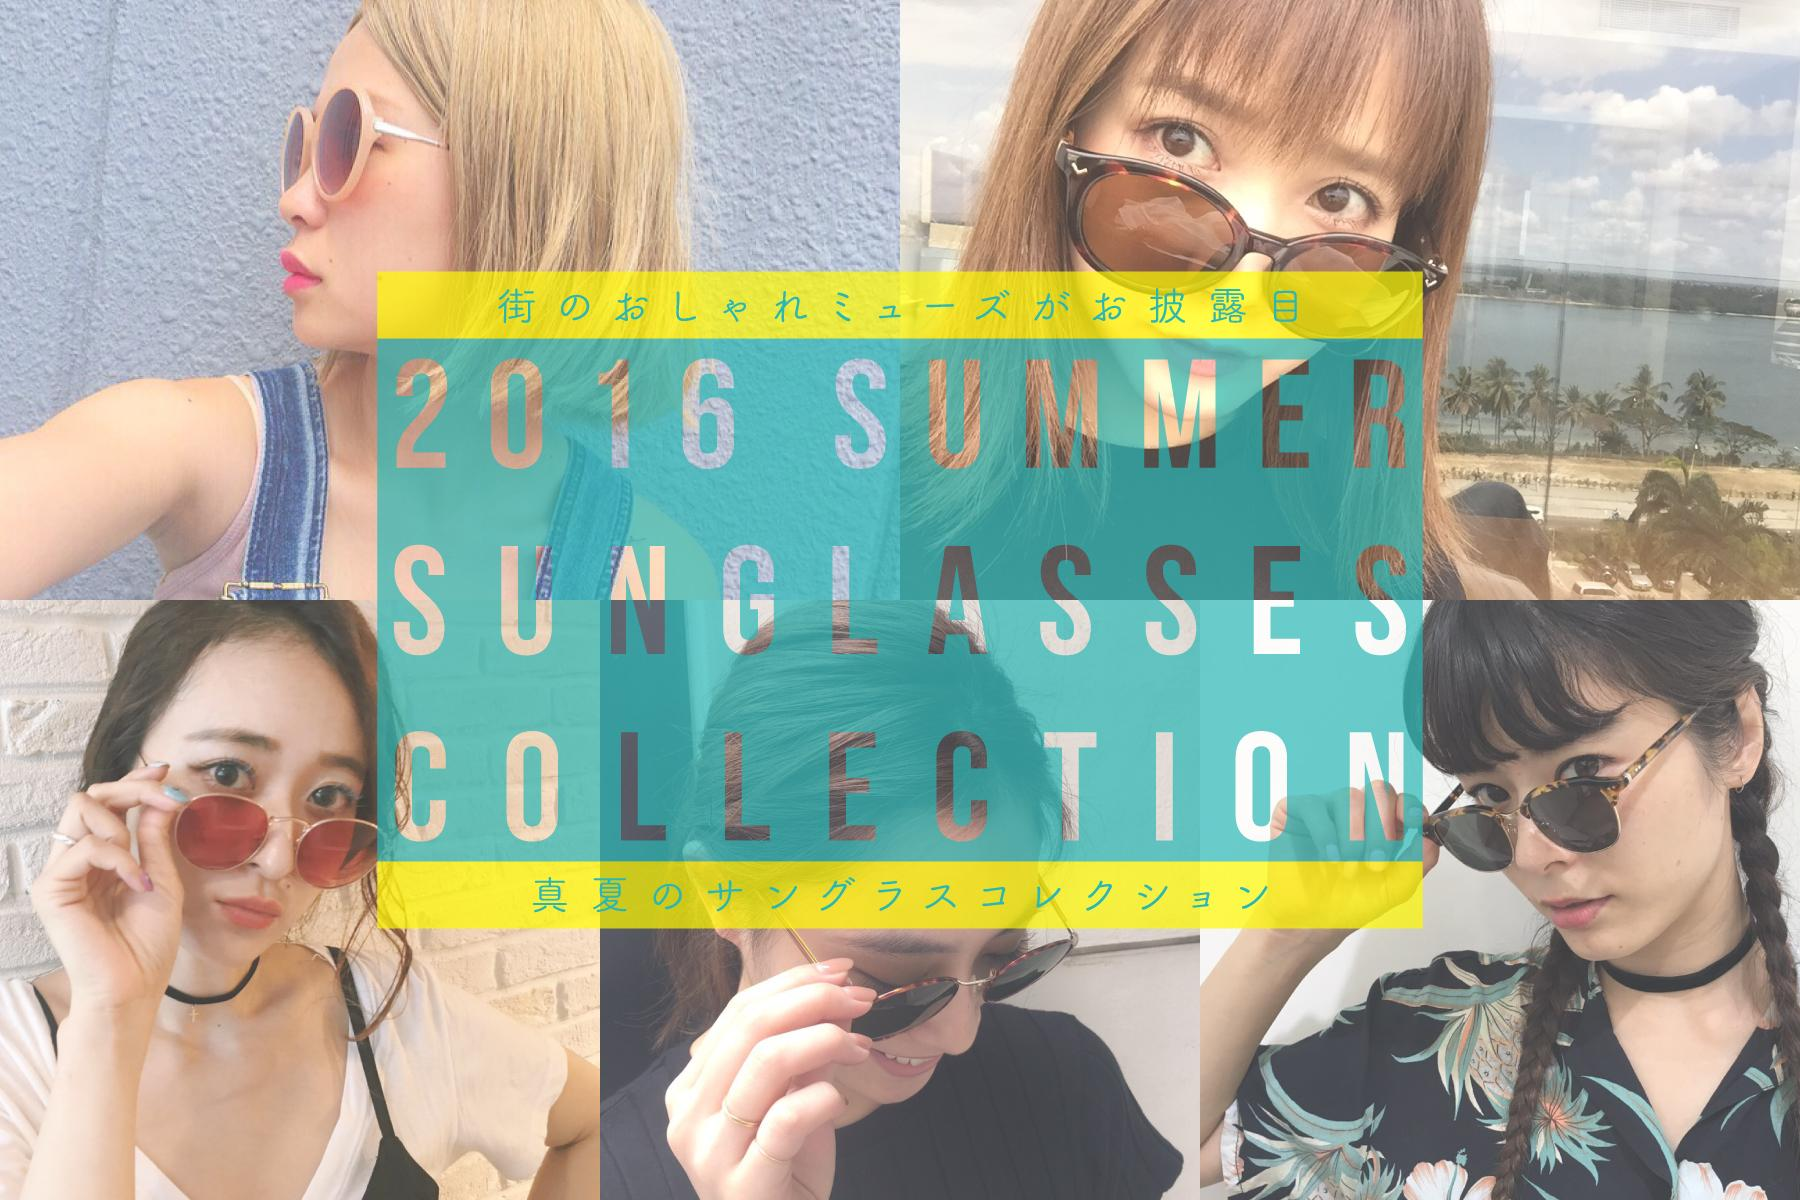 街のおしゃれミューズがお披露目 真夏のサングラスコレクション